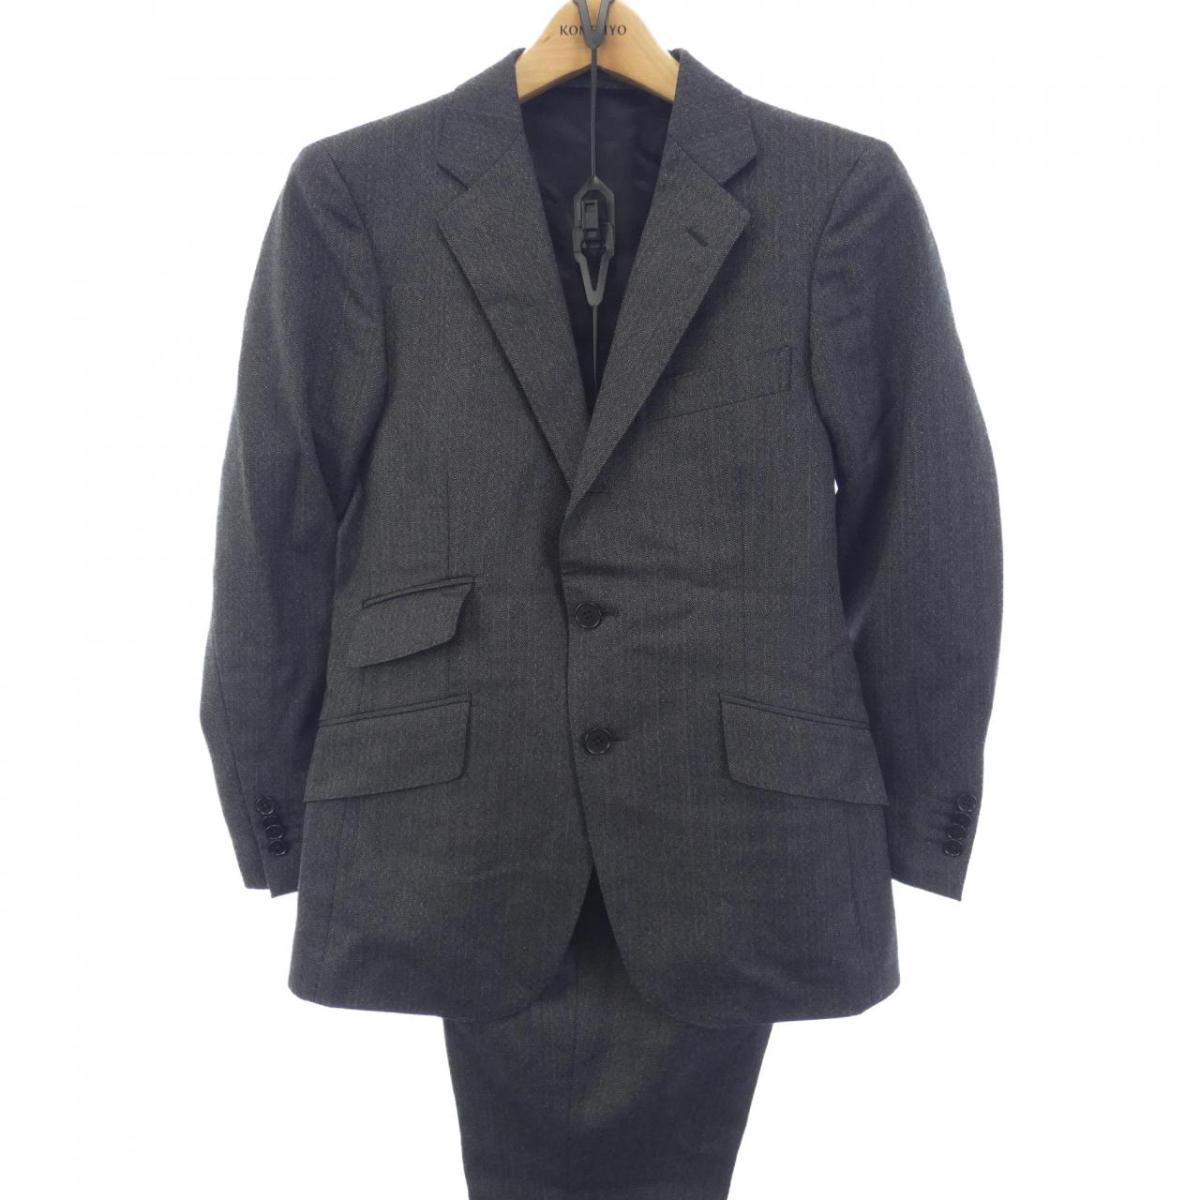 ディストリクト DISTRICT(U.A) スーツ【中古】